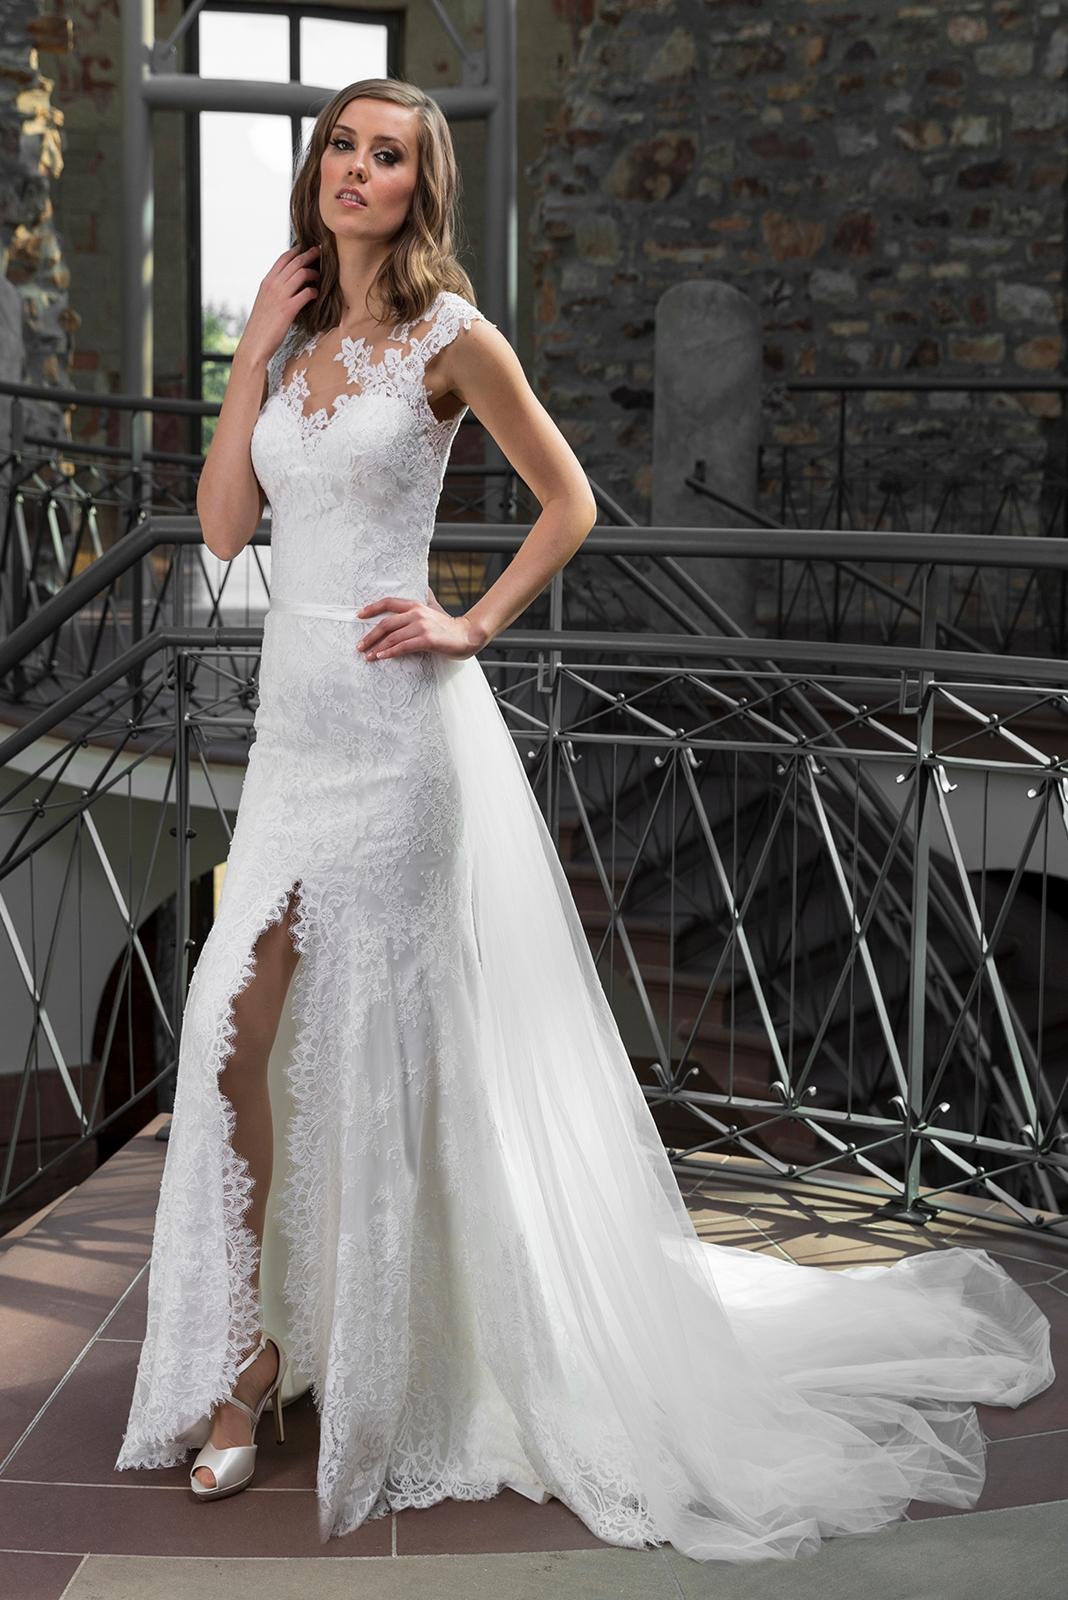 13 Cool Brautmode Abendkleider für 2019Abend Spektakulär Brautmode Abendkleider Galerie